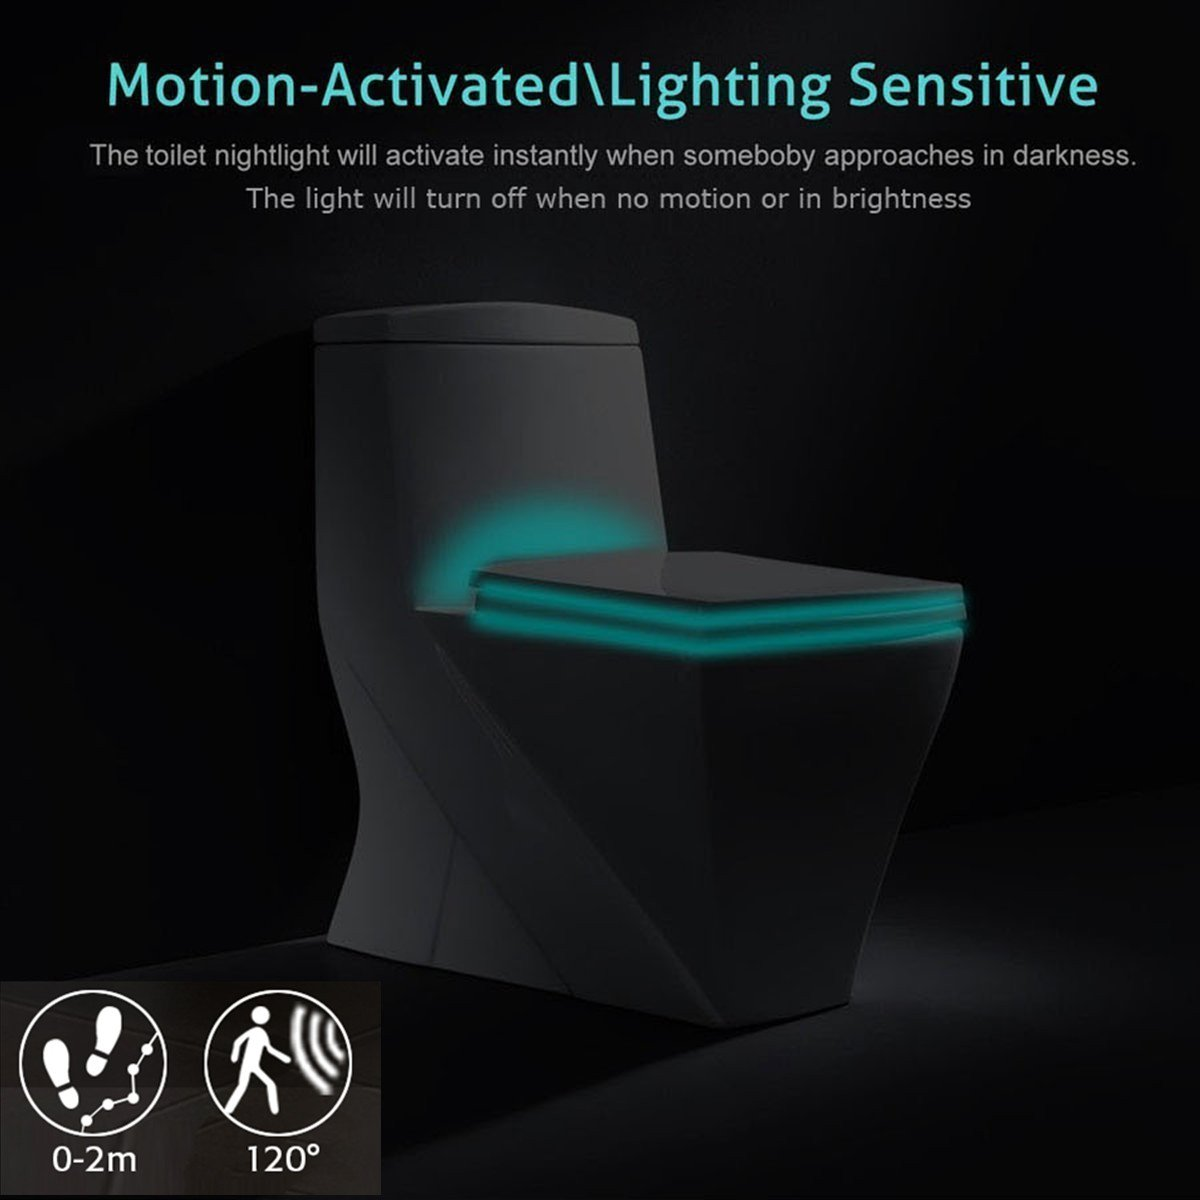 Luz de WC nocturna LED, KINGSO Detección de movimiento del sensor automático WC luz Ideal para cuartos de baño con niños: Amazon.es: Iluminación